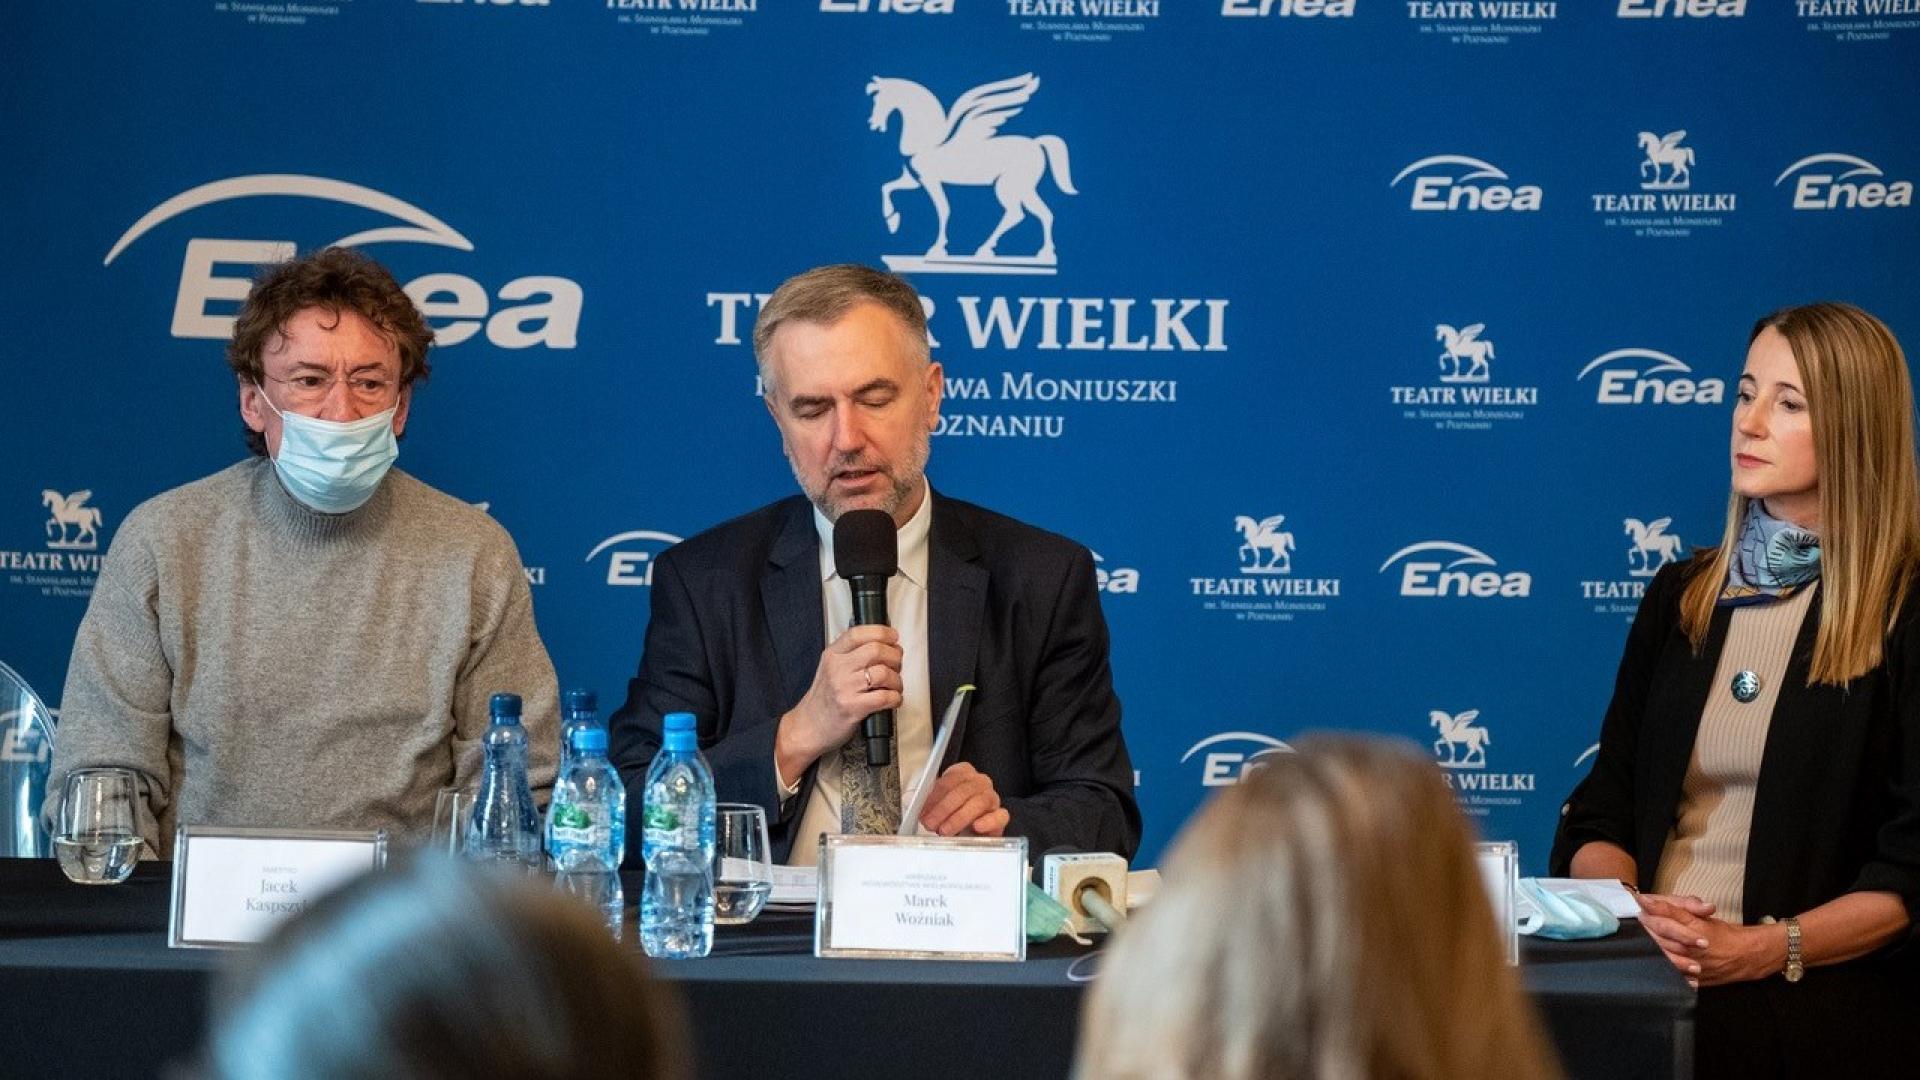 Nowe twarze, nowe spektakle, w nowych miejscach… Opera rusza, czyli Teatr Wielki w Poznaniu rozpoczyna nowy sezon! - zobacz więcej